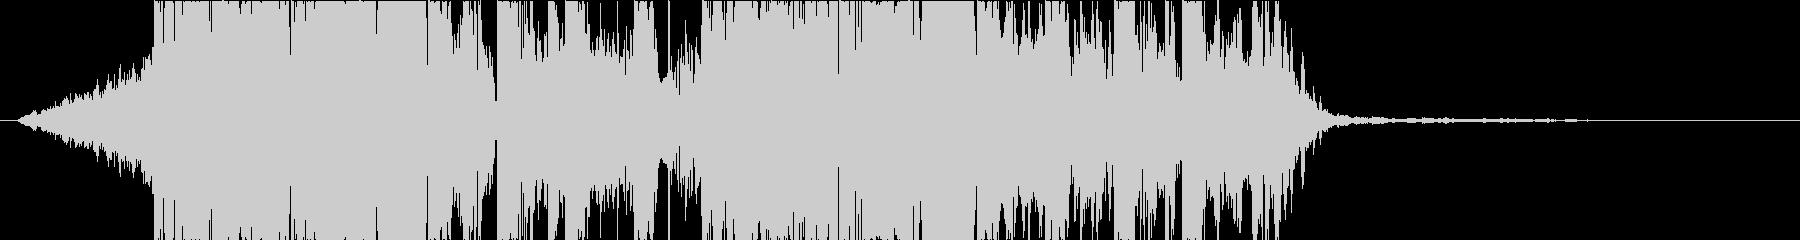 DUBSTEP クール ジングル170の未再生の波形